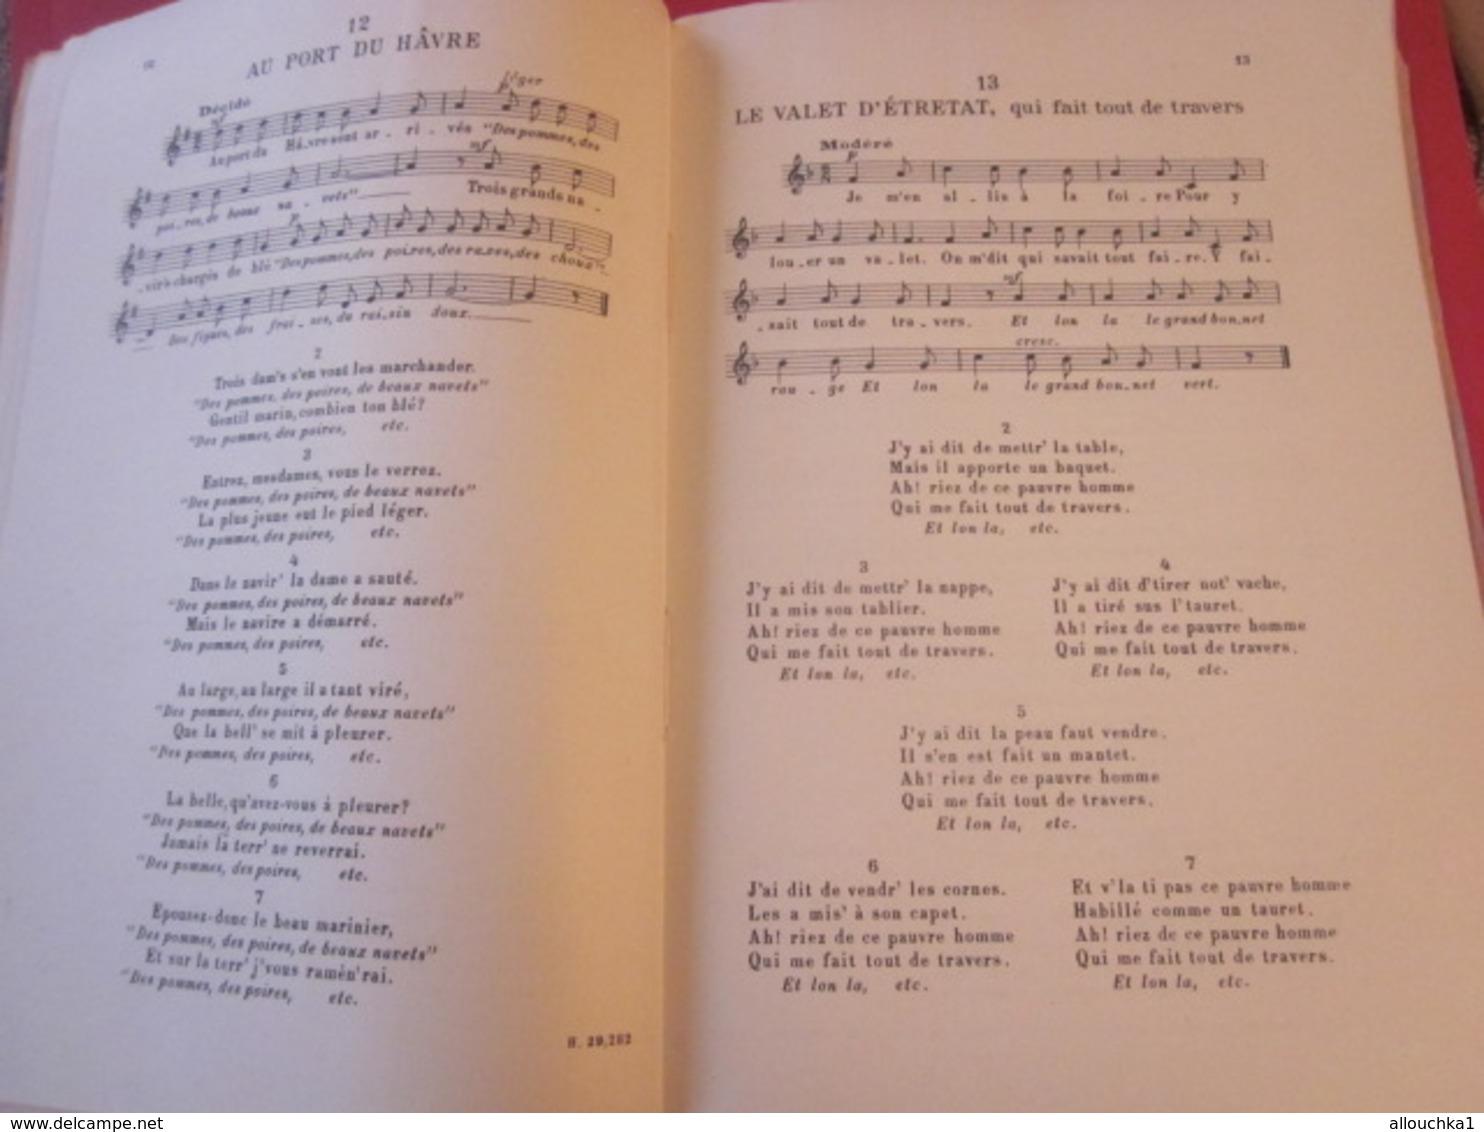 1946 ANTHOLOGIE CHANT SCOLAIRE CHANSONS POPULAIRES FRANÇAISES  ÎLE DE FRANCE-NORMANDIE  Musique-Textes Partitions - Song Books